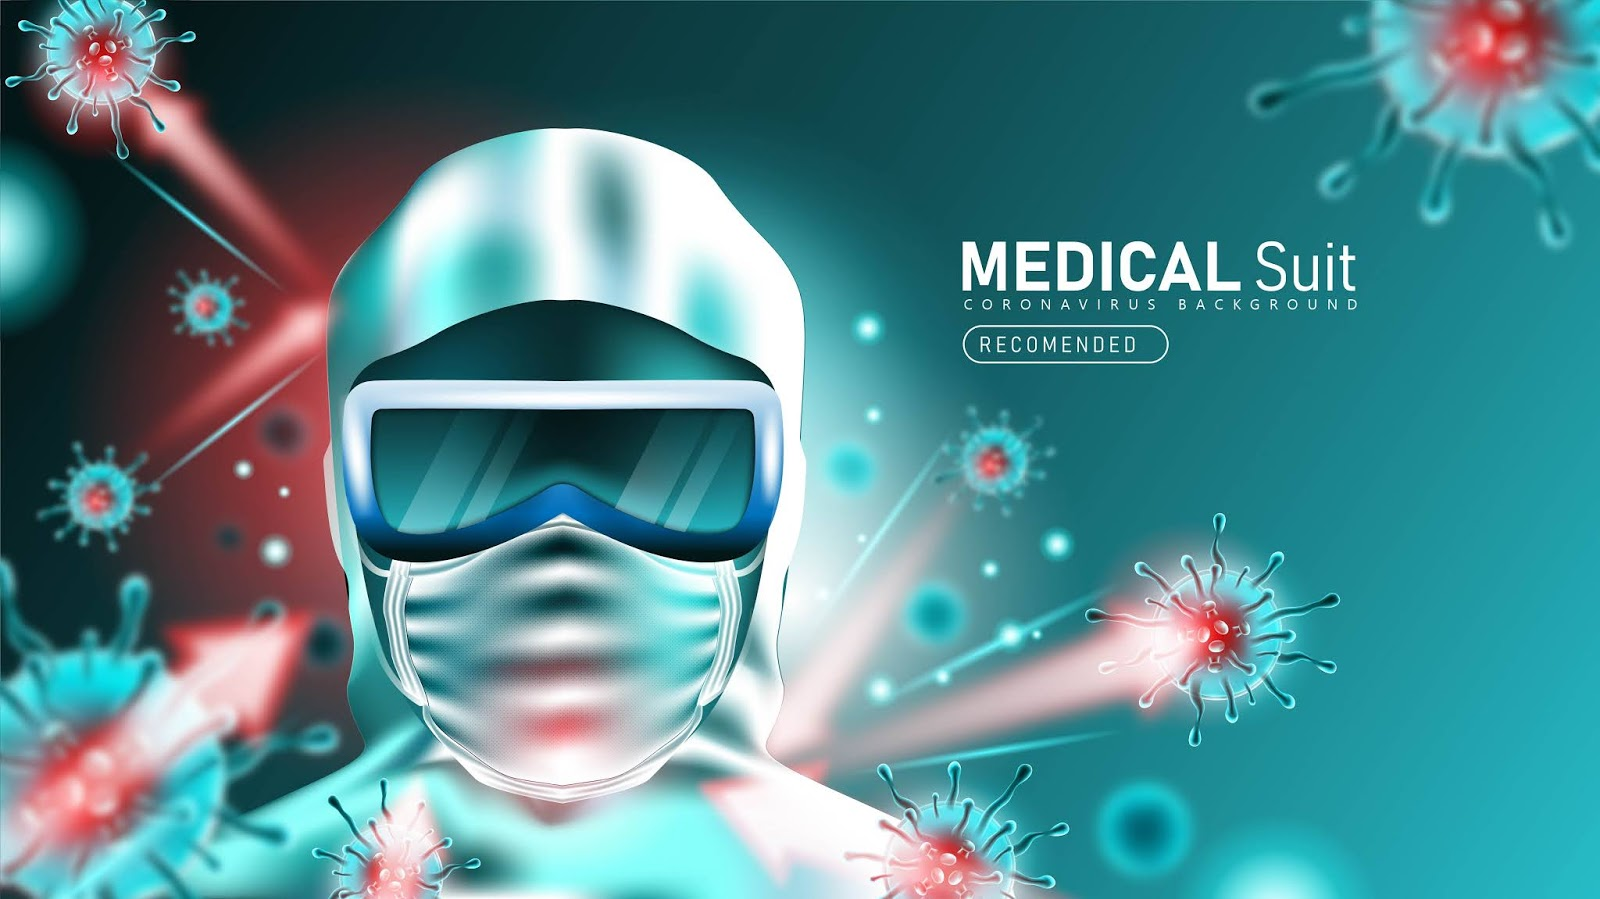 تصاميم خاصة بفيروس كرونا باعلى جودة تصاميم فيكتور دقة عالية